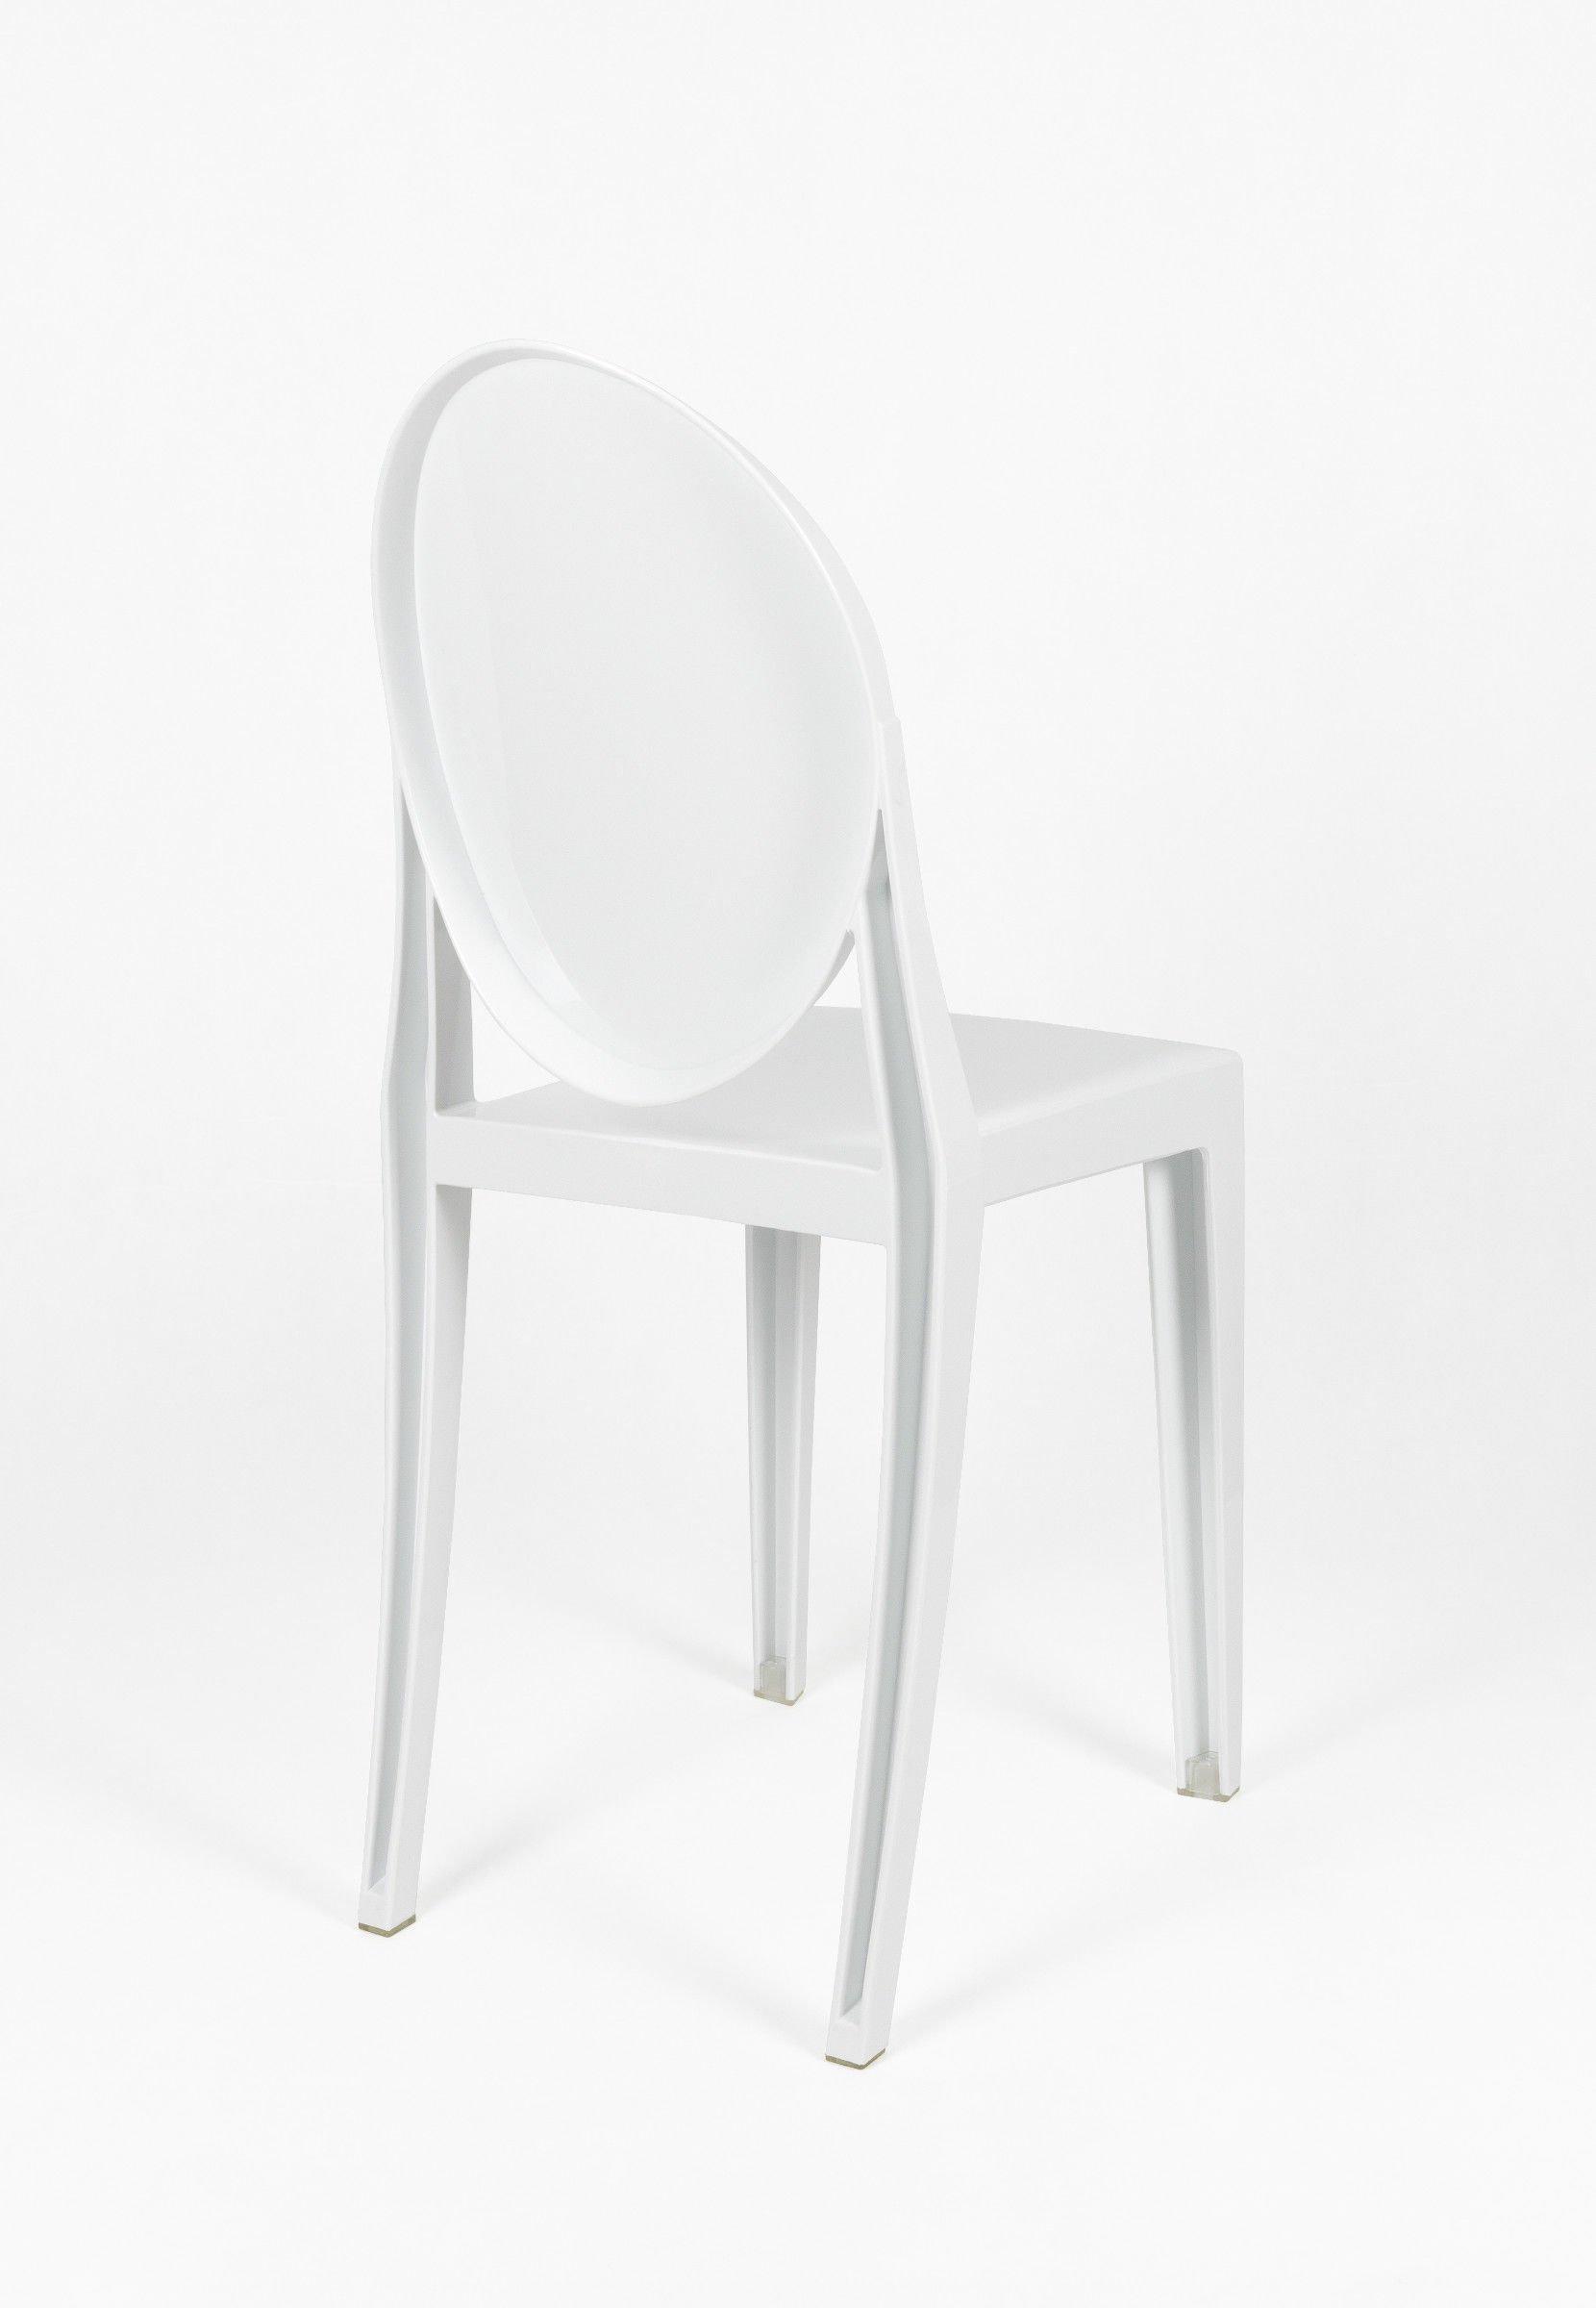 Sk design kr003 weiss stuhl weiss angebot st hlen for Stuhl design weiss